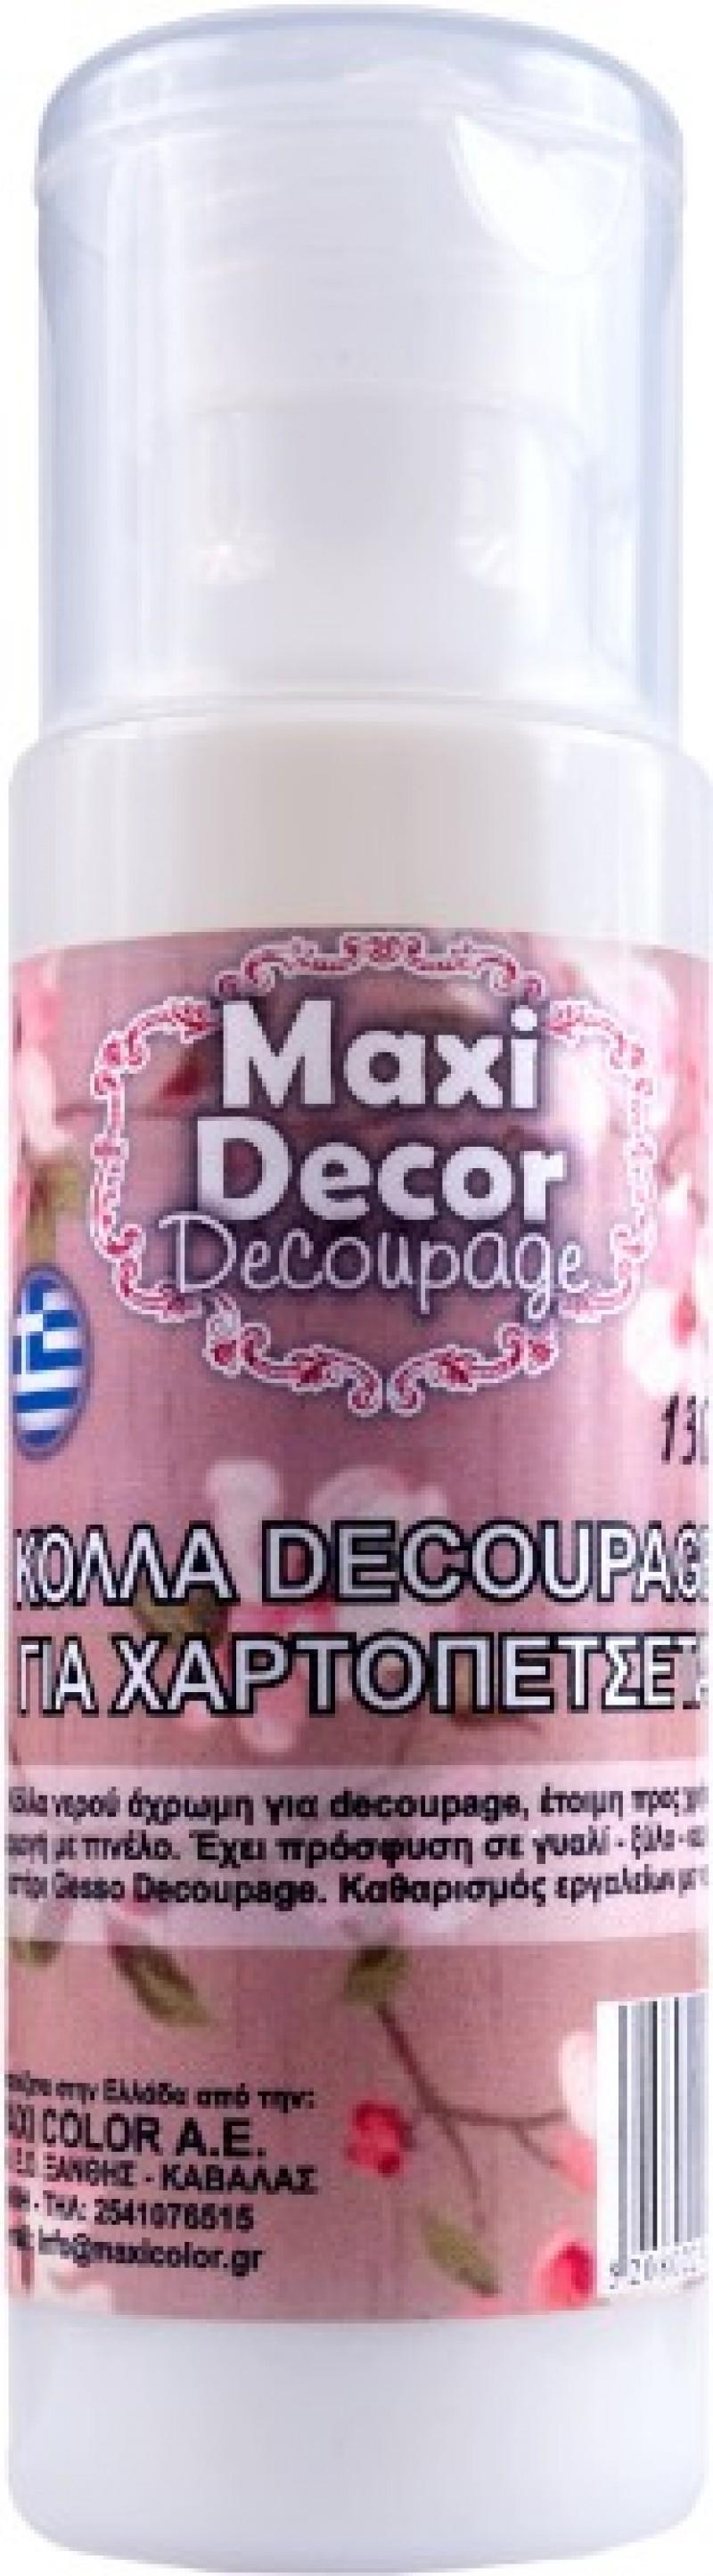 Κόλλα soft ριζόχαρτου για decoupages 130 & 250ml